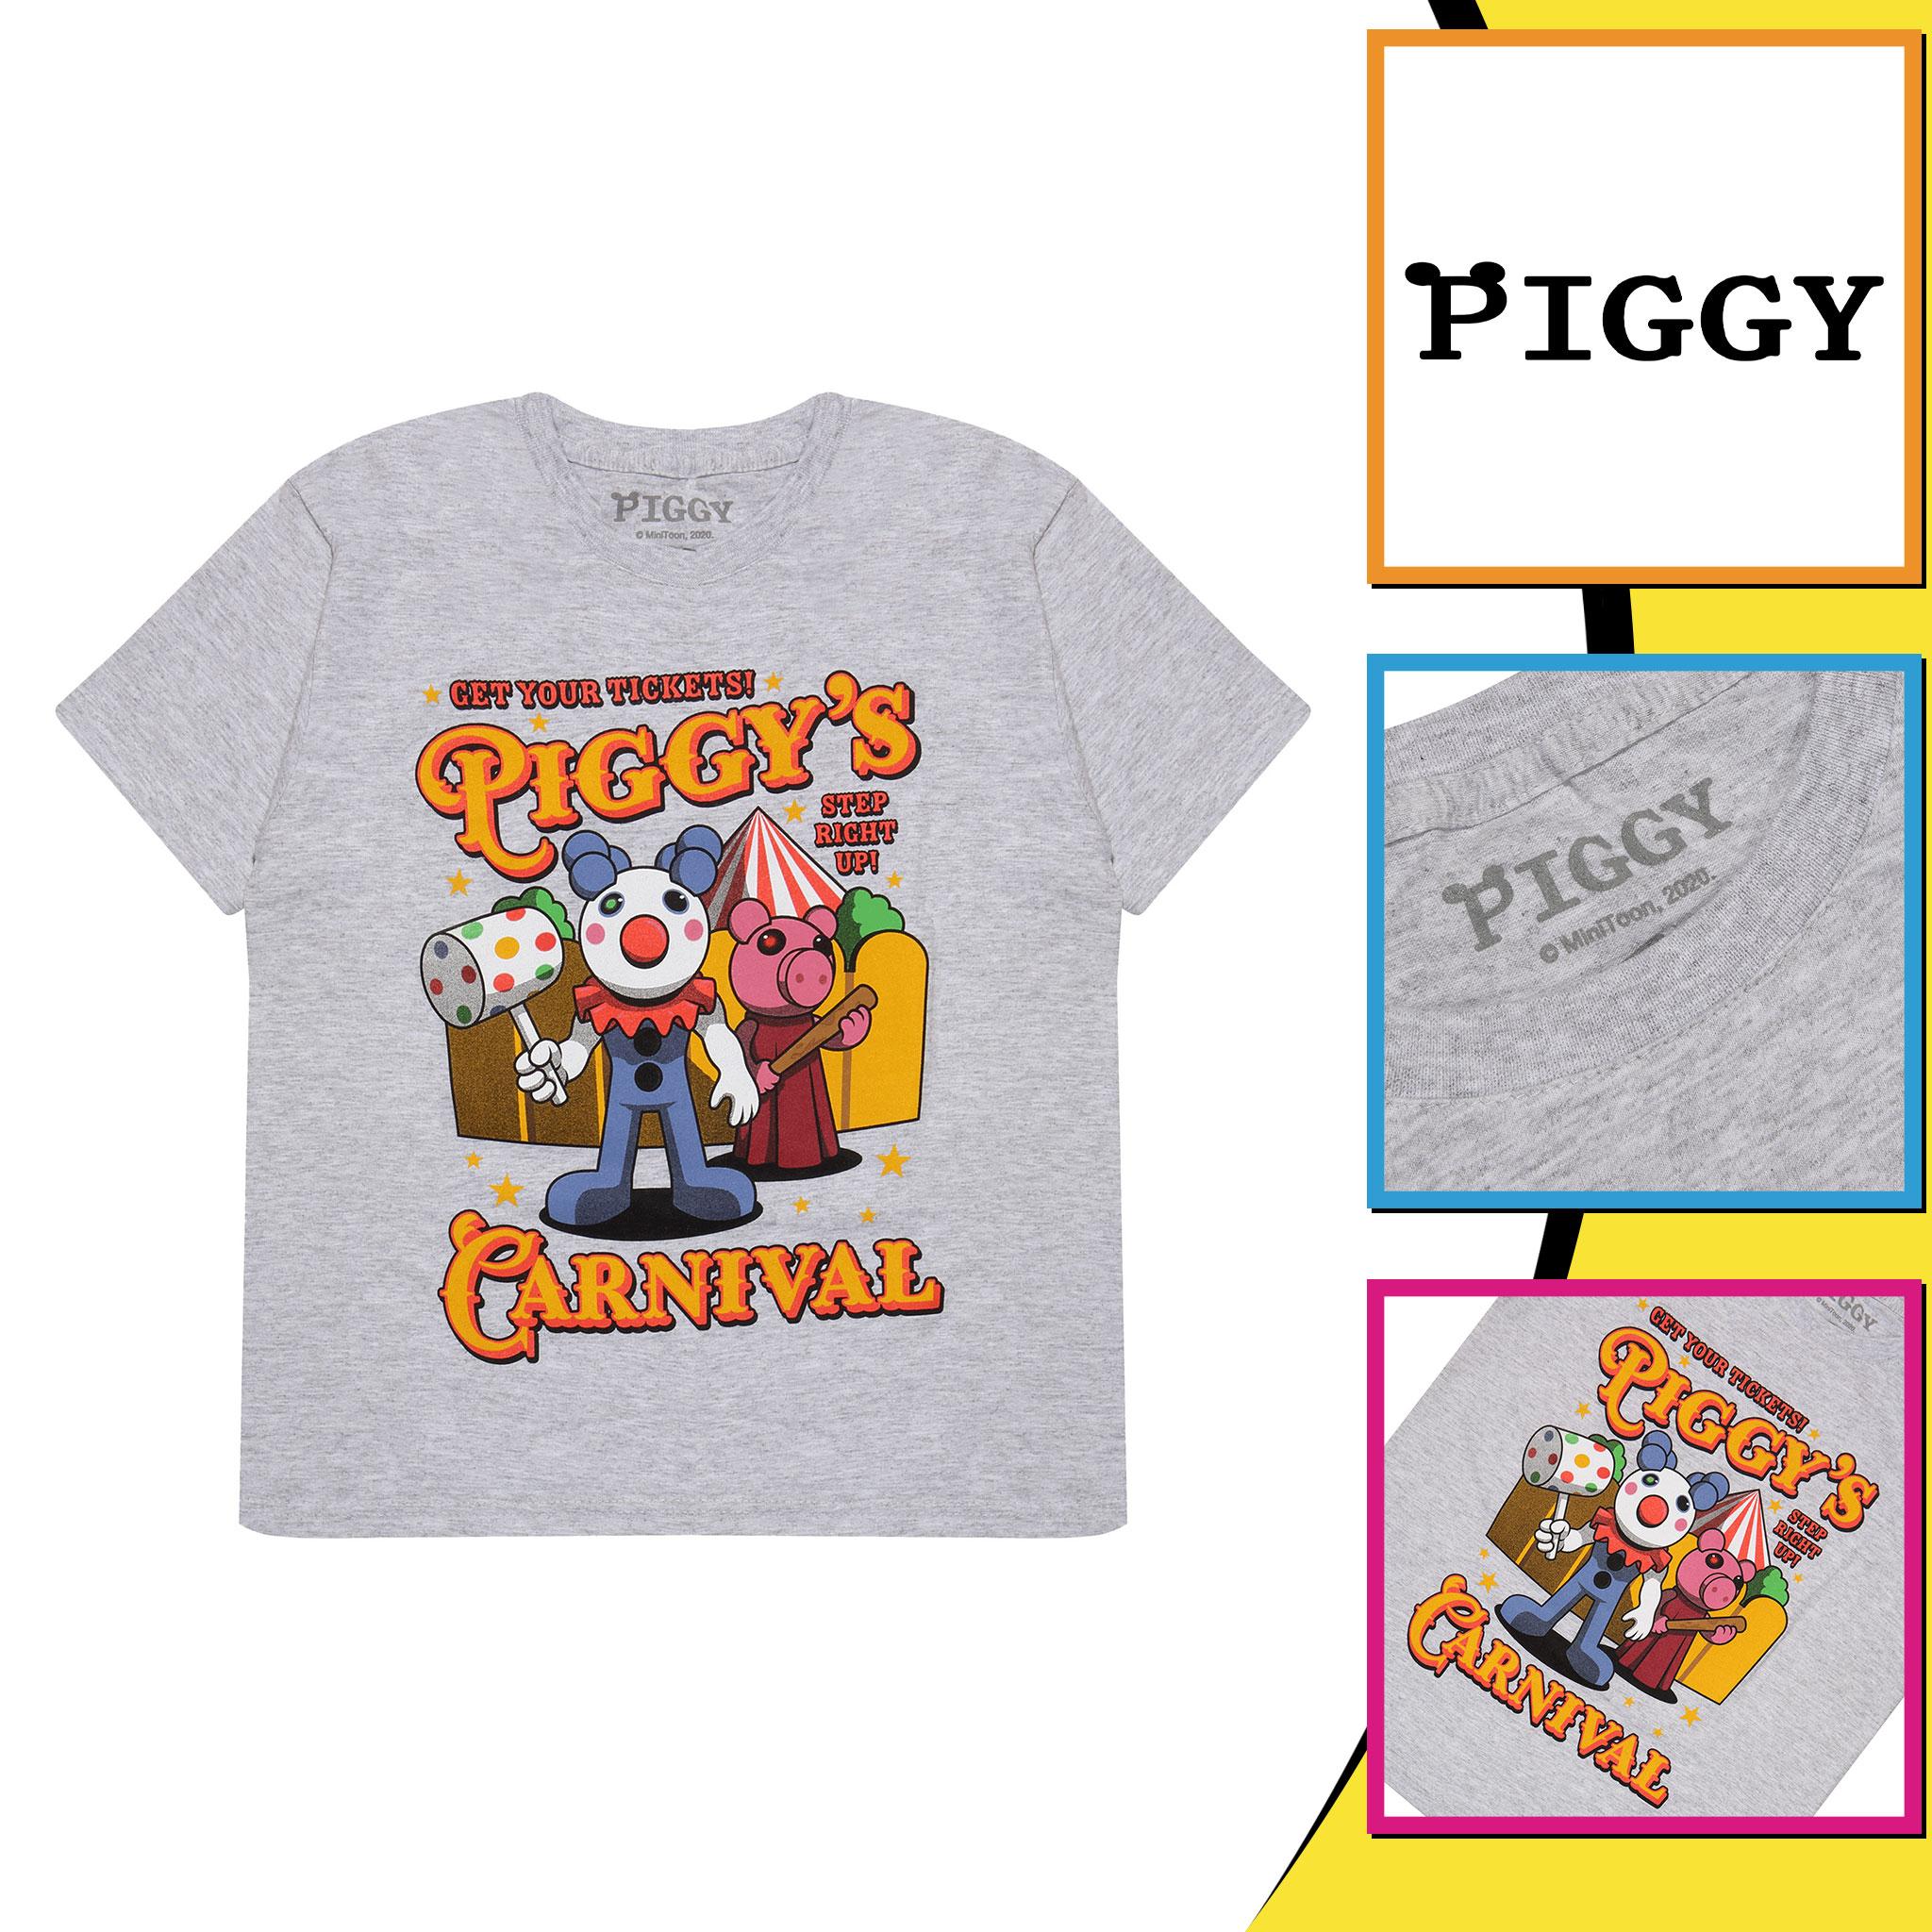 miniature 8 - Boys Piggy T Shirt Carnival Official